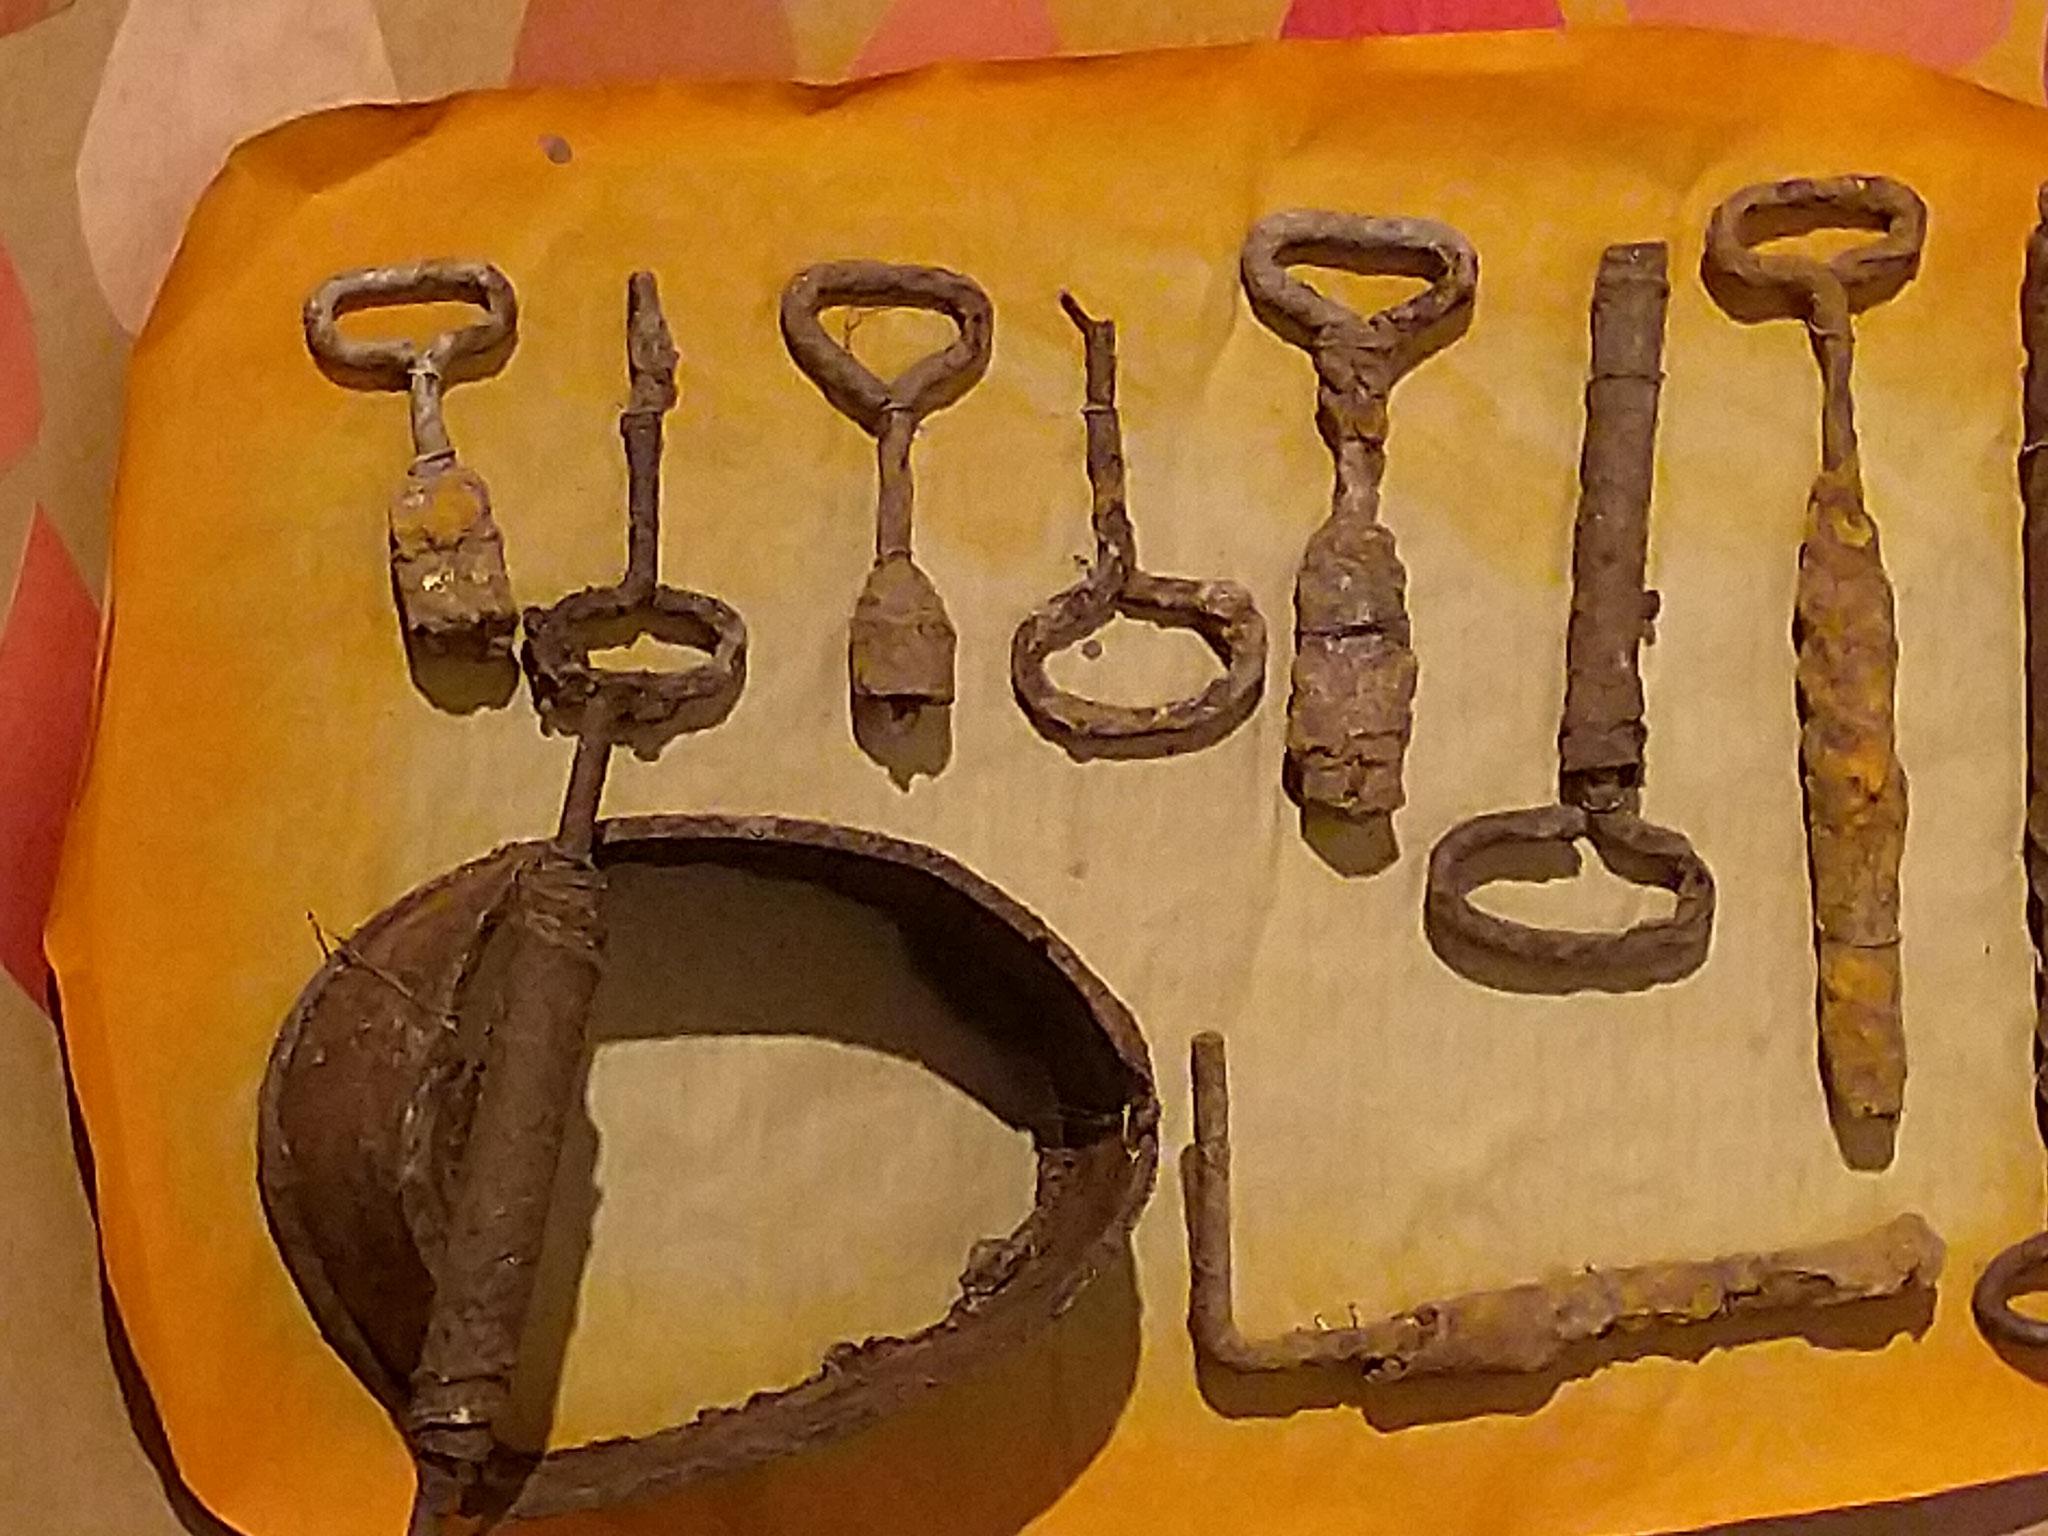 Bei den Grabungen wurden nicht nur archäologisch bedeutende Gegenstände gefunden, auch Büchsen, deren Öffner und andere blecherne Utensilien wurden dem Erdreich entnommen.